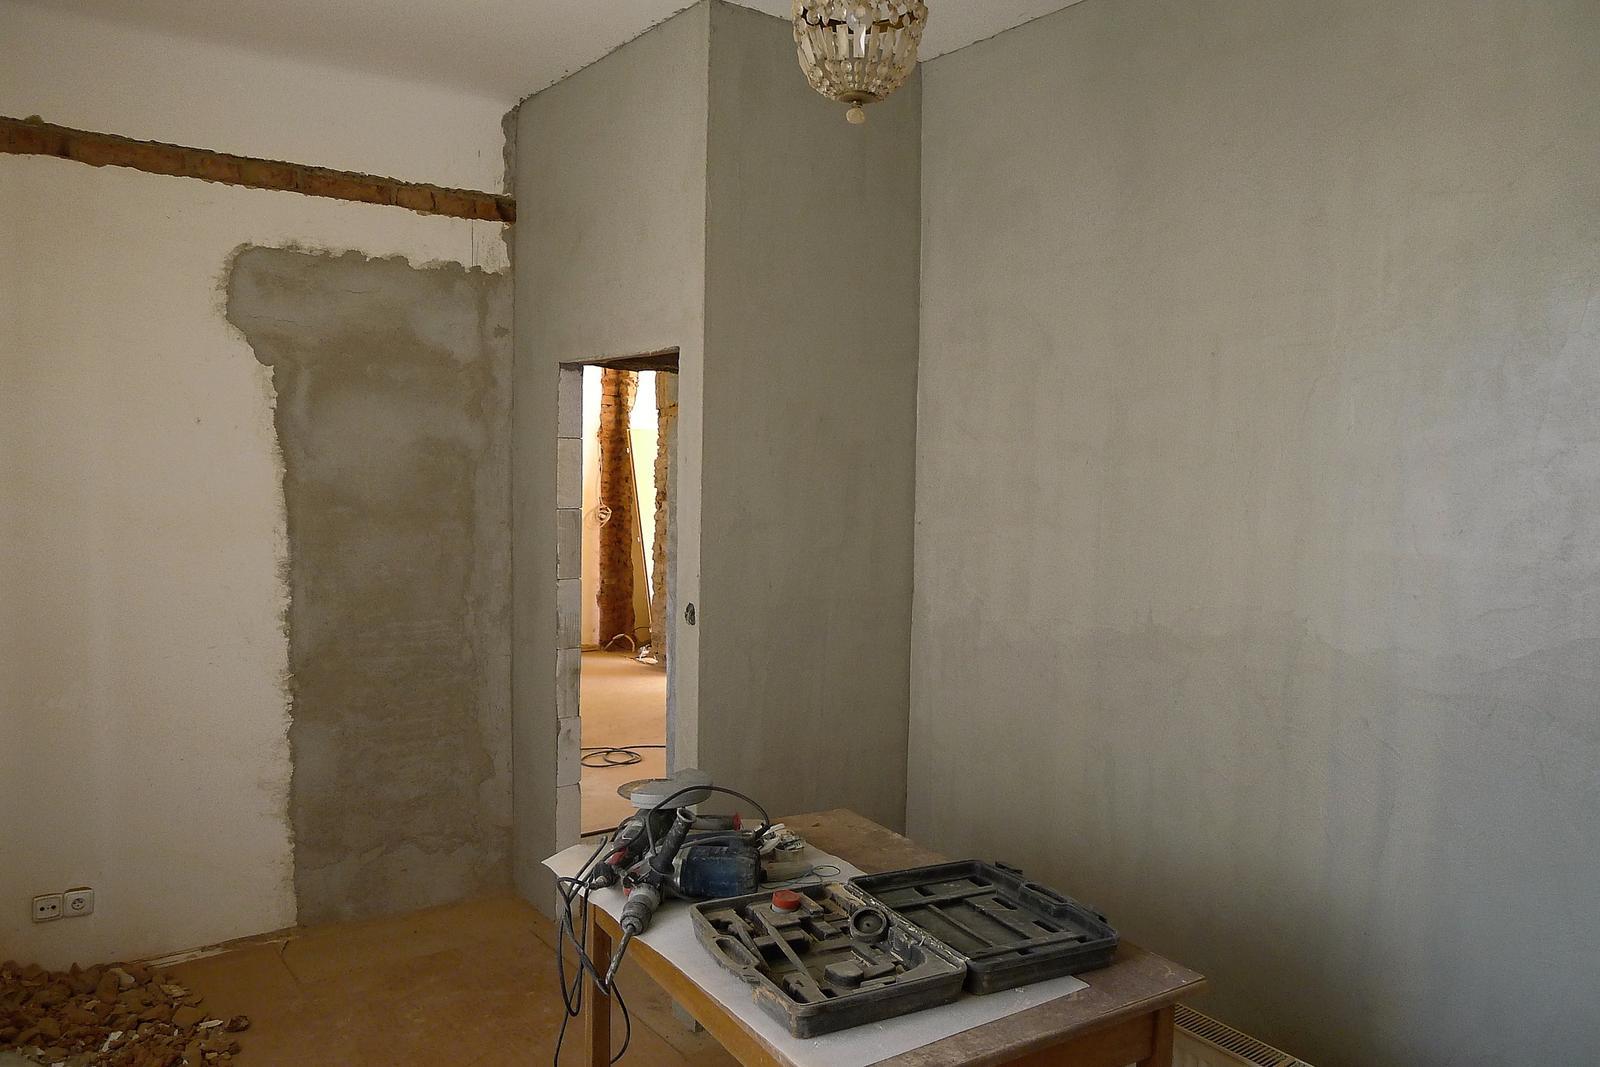 Rekonstrukce našeho domečku - nové zdi v ložnici natažené lepidlem